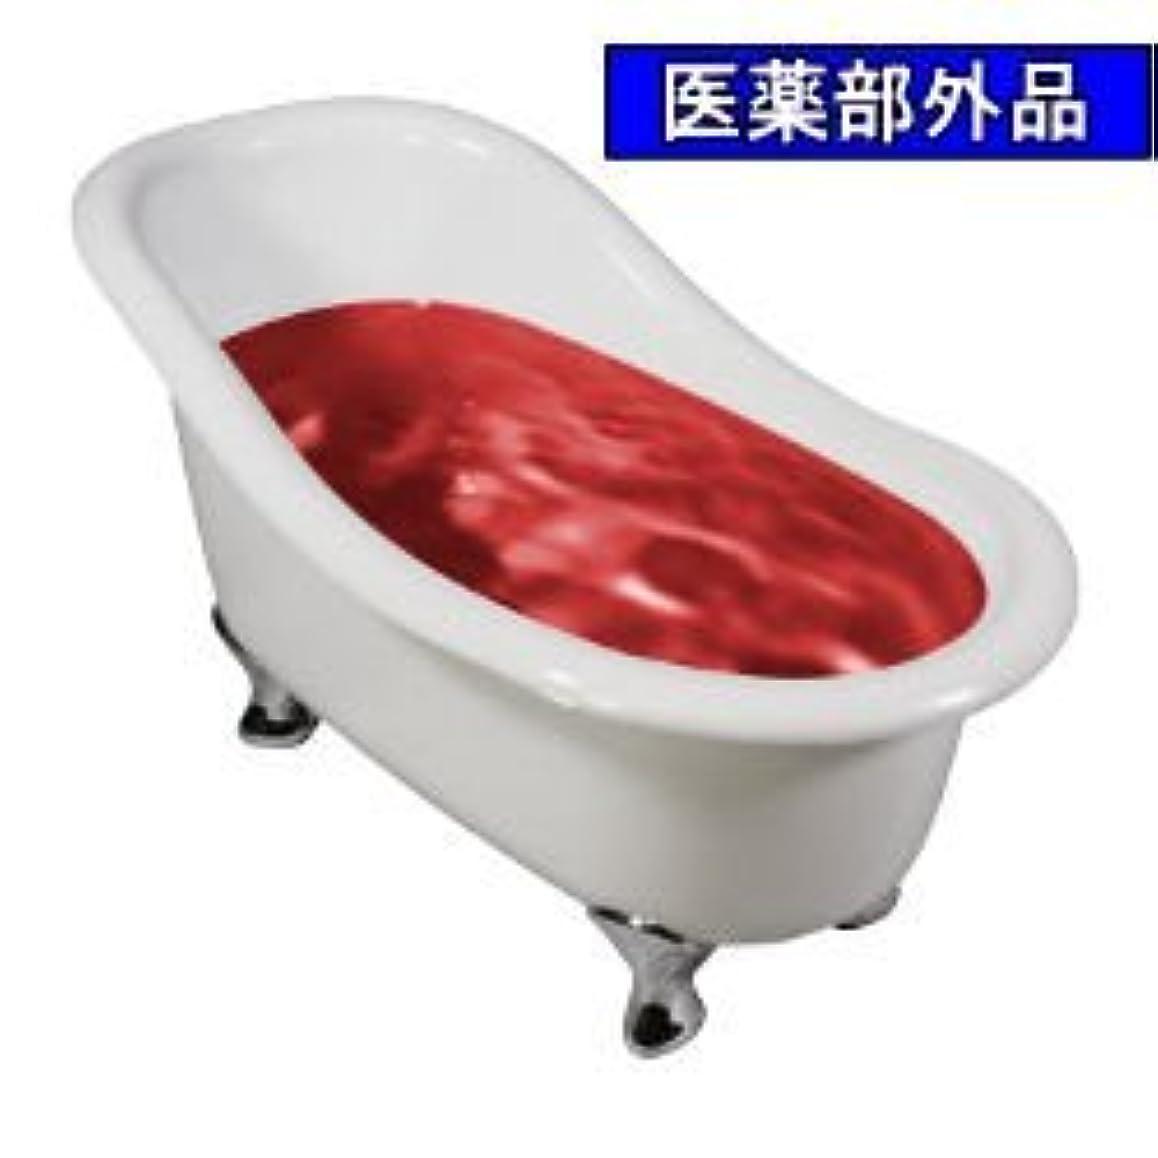 分解する光電分析的業務用薬用入浴剤バスフレンド 生薬 17kg 医薬部外品